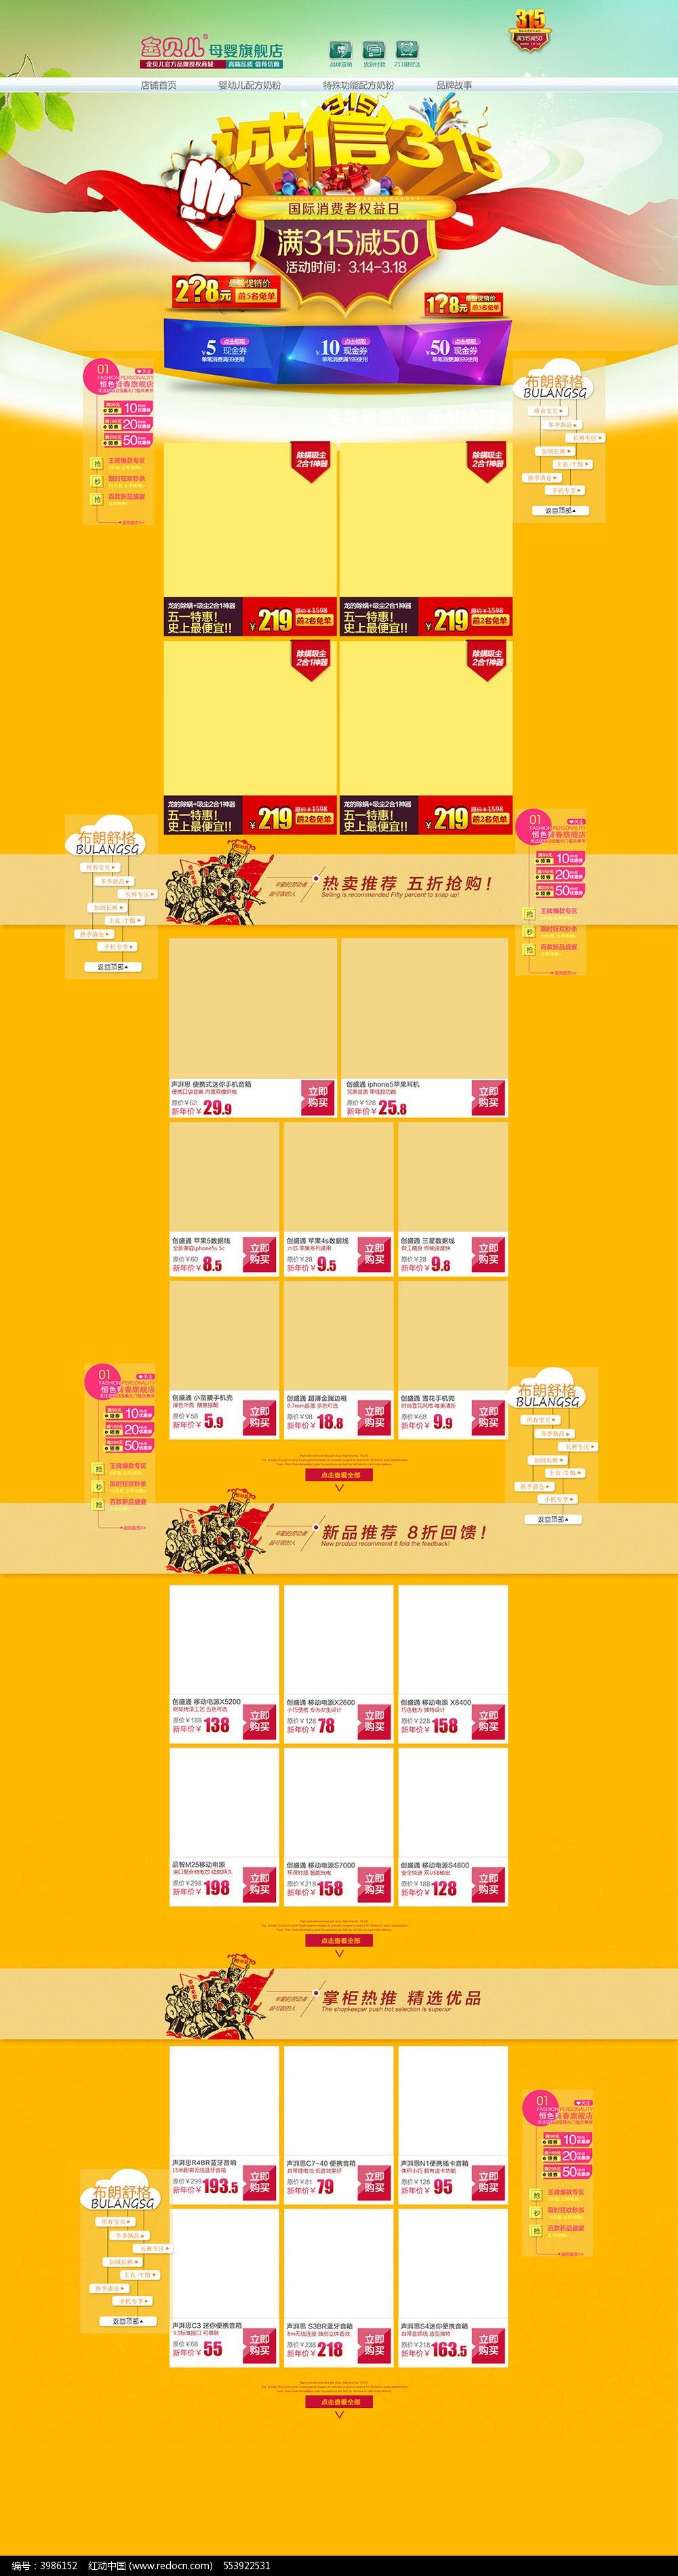 315消费者权益日淘宝电器首页模板图片